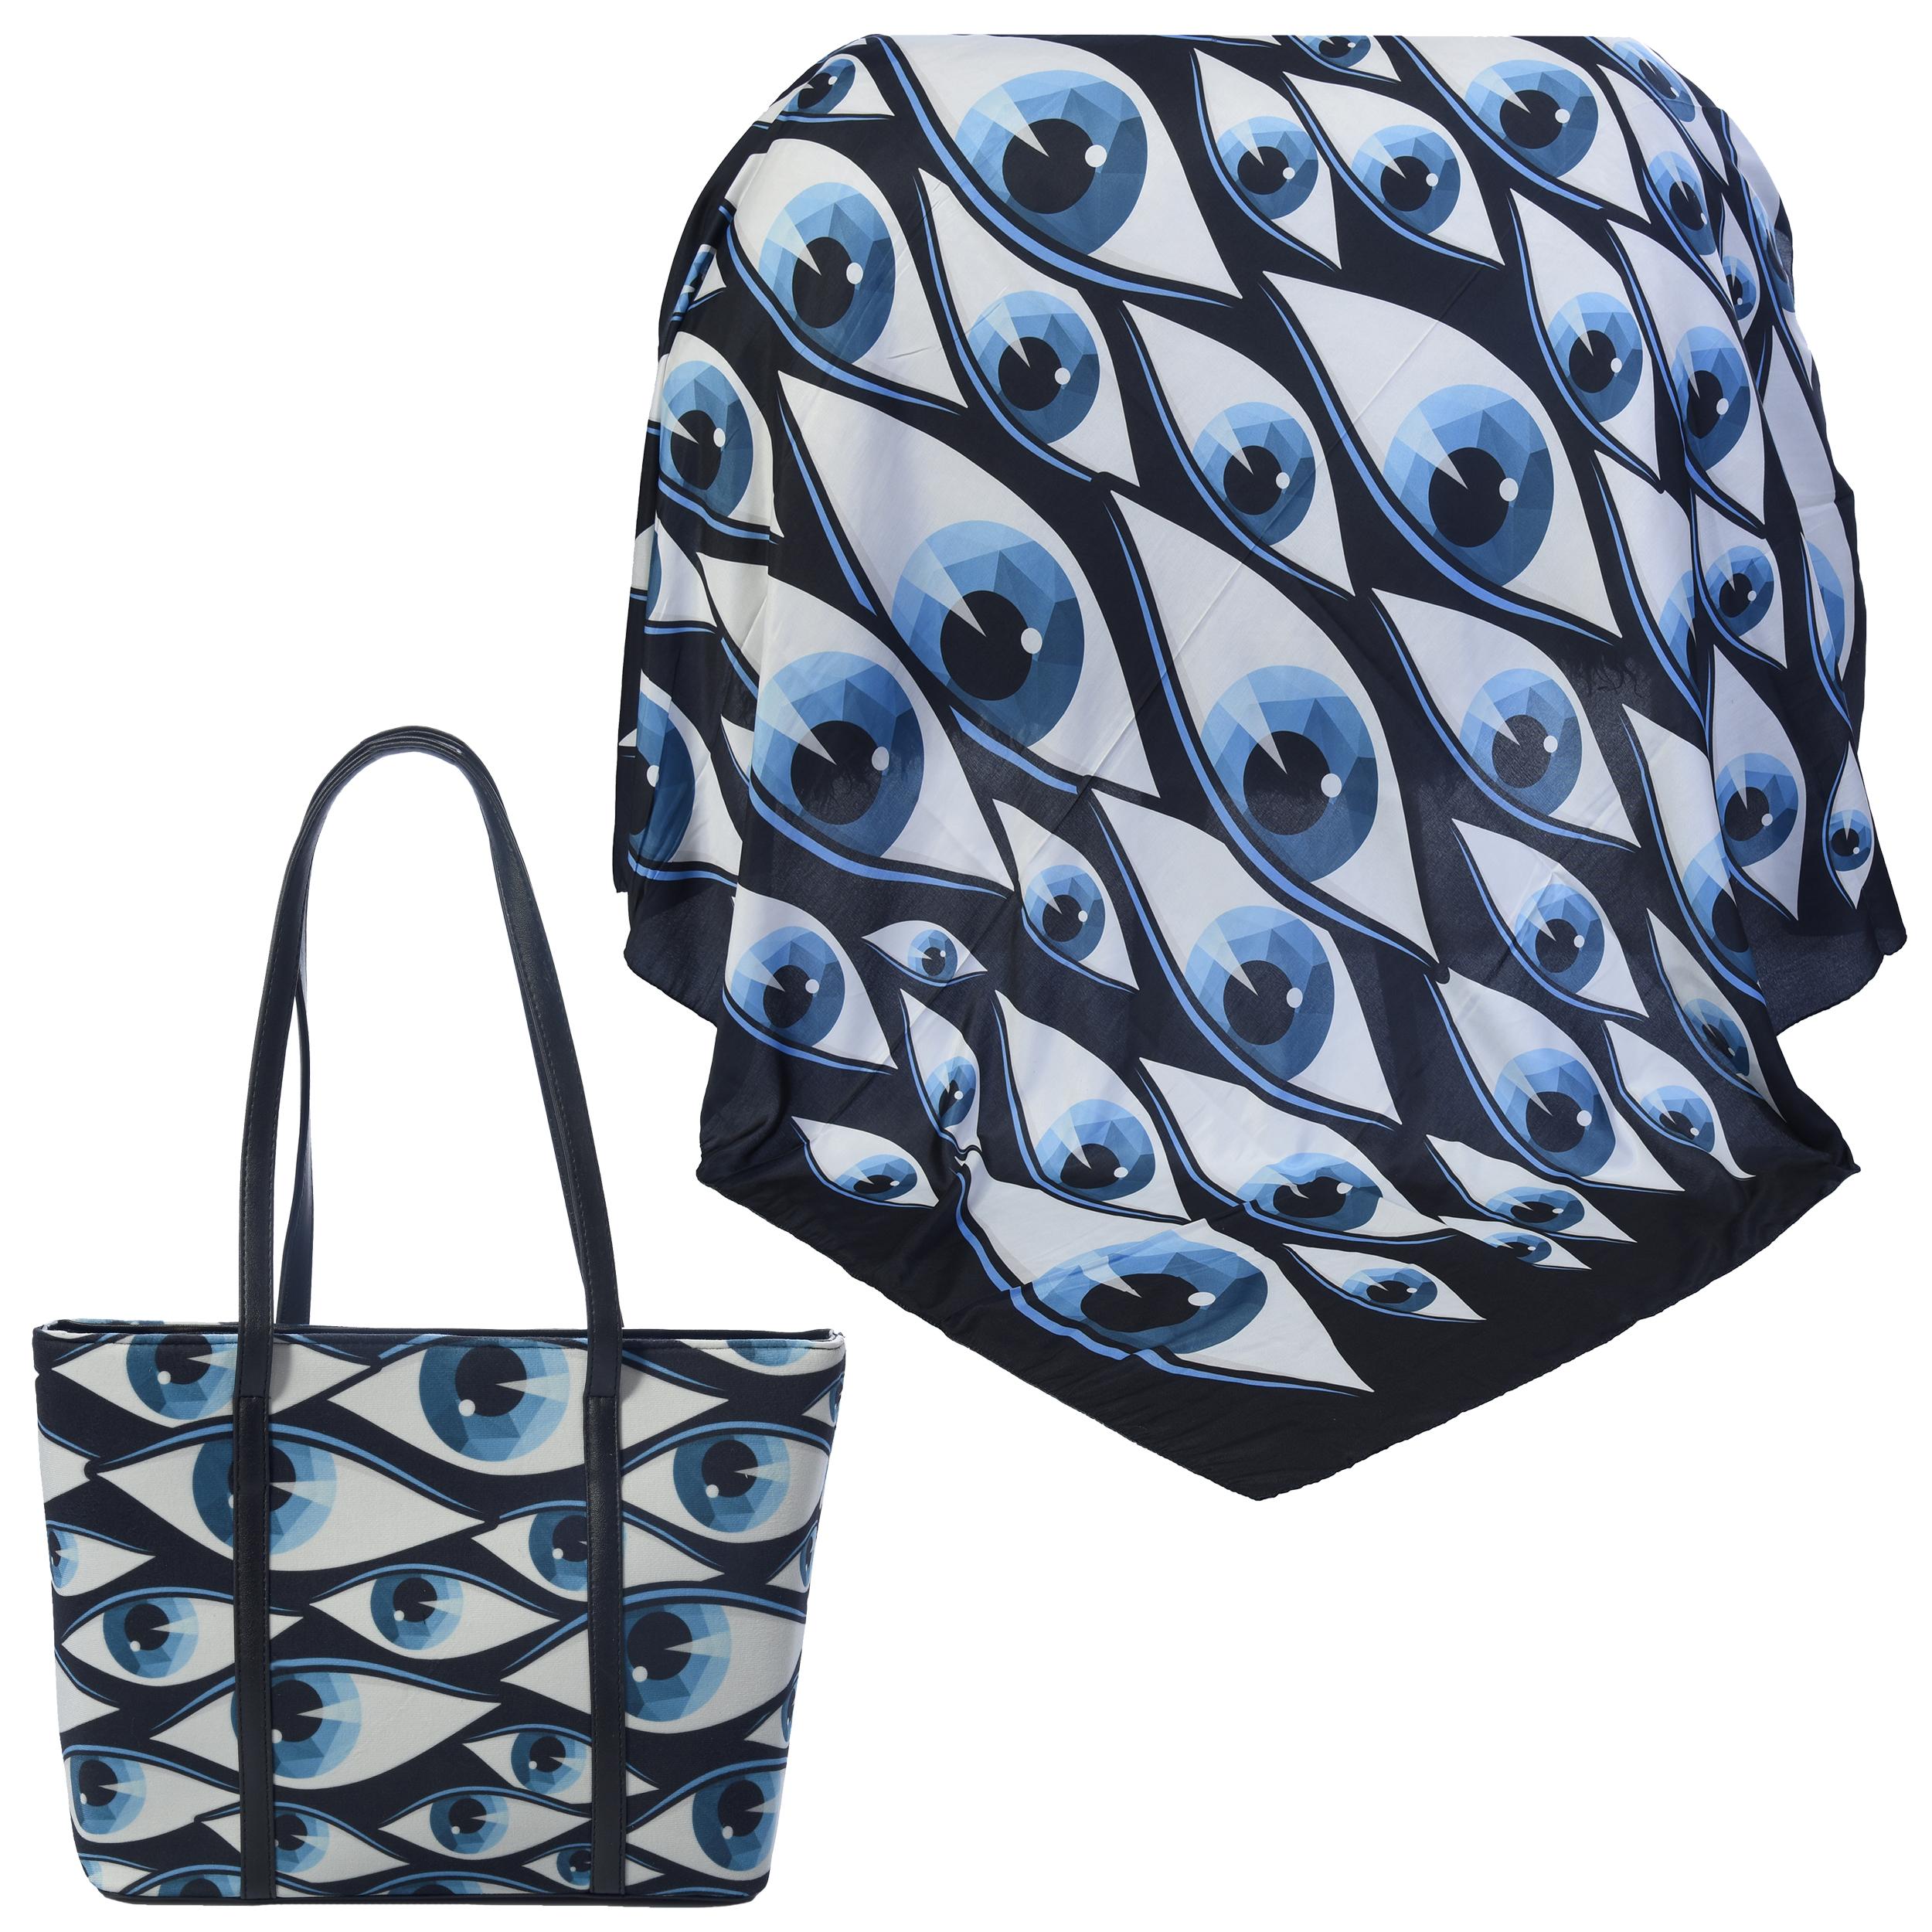 ست کیف و روسری زنانه کد 980225-T1